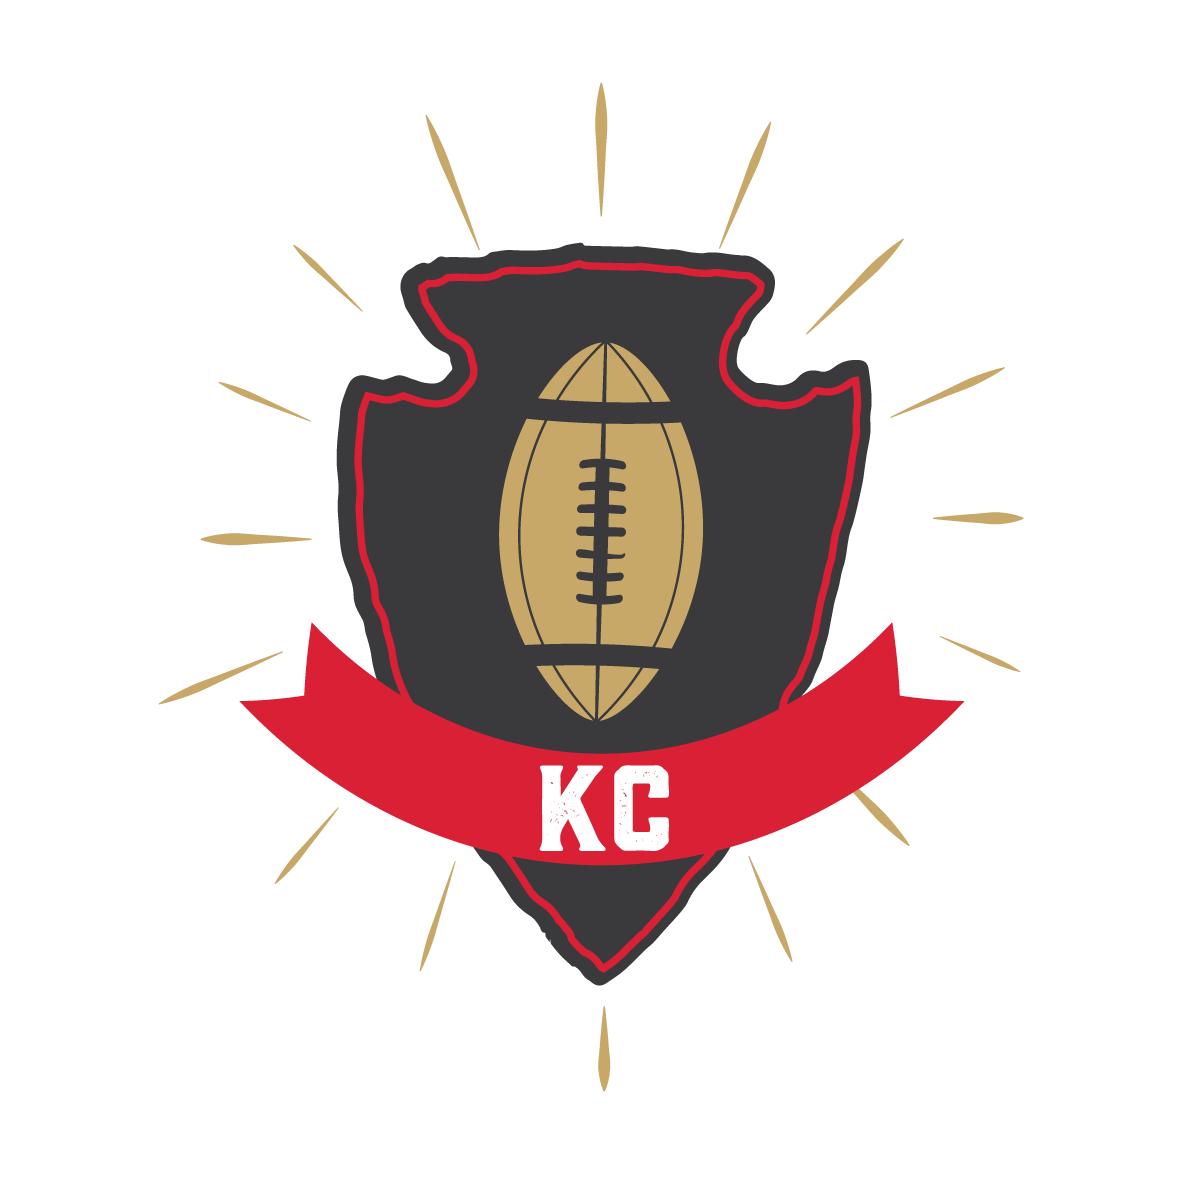 kcfootball.png